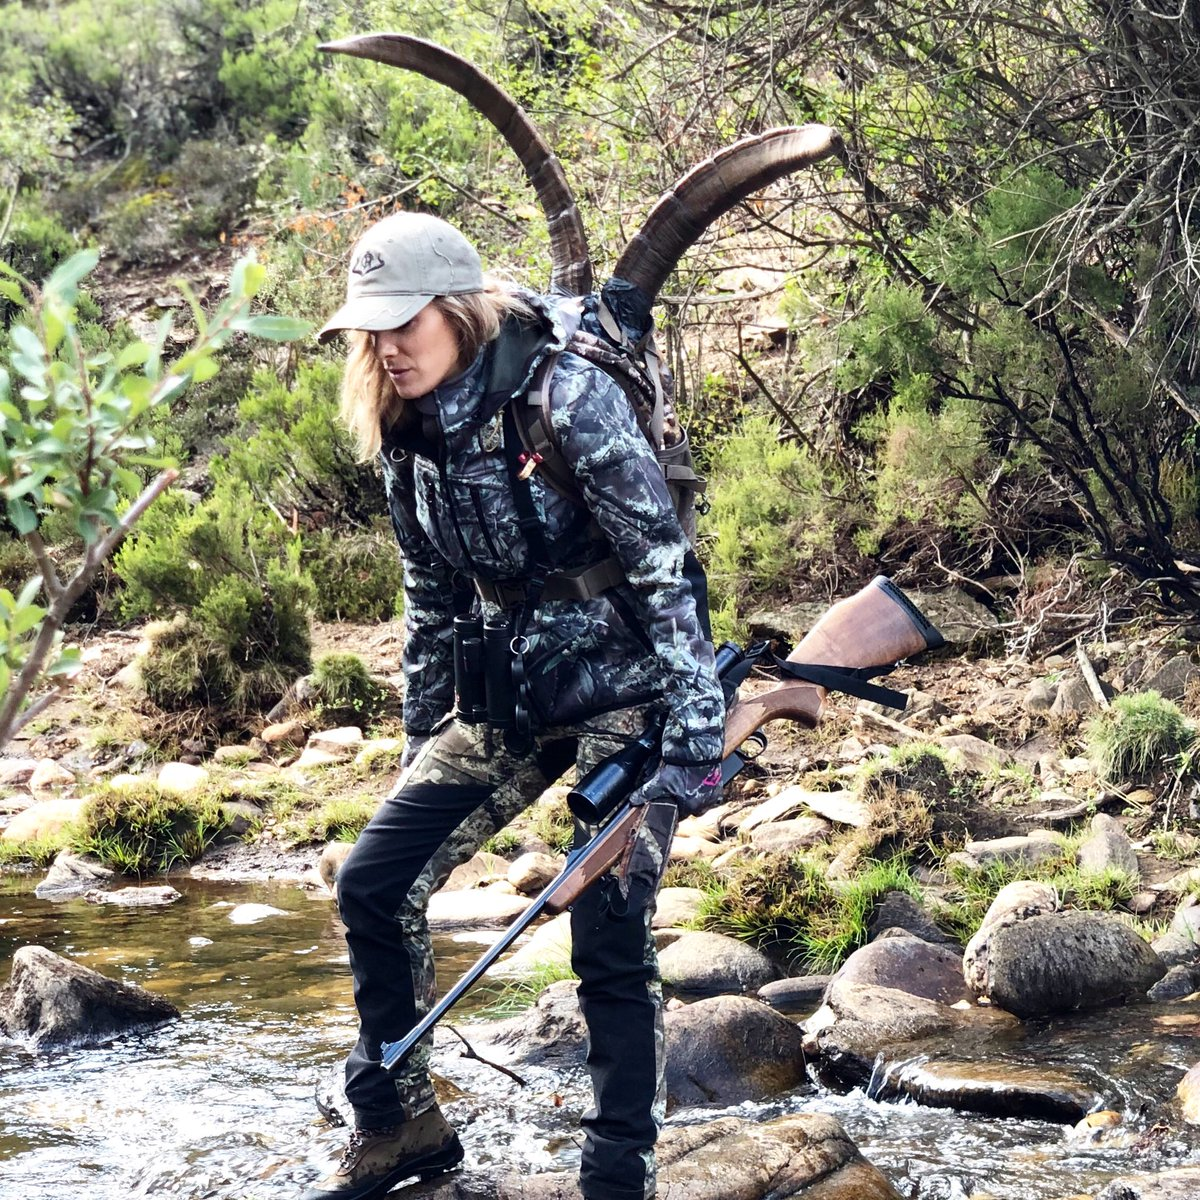 Nazaret 38 años luchando por salir adelante. FELIZ DÍA DE LA MUJER  Feliz día a todas las Superwoman #womanhunter #caza #cazadora #cazamayor #cazamenor #corzos #chasseresse #hunter #mujercazadora #hunting#instahunting #jabali #pasionmorenapic.twitter.com/nvhhIHqueZ